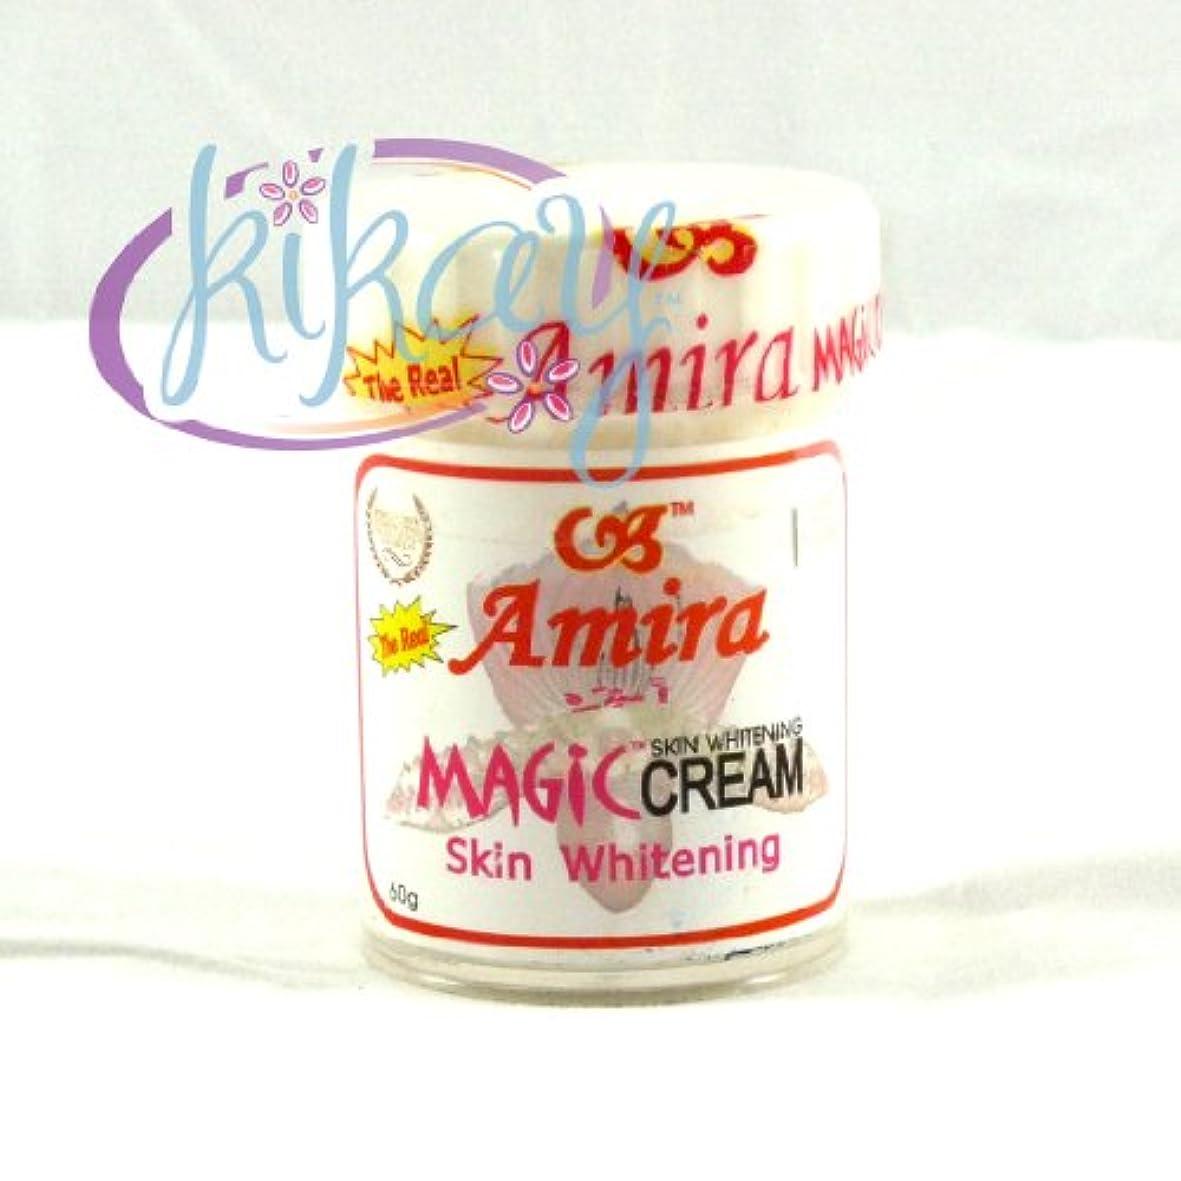 計器ミニチュア葉を拾うAMIRA THE REAL MAGIC CREAM【SKIN WHITENING CREAM 60g】PHILIPPINES〈スキン ホワイトニング クリーム〉フィリピン